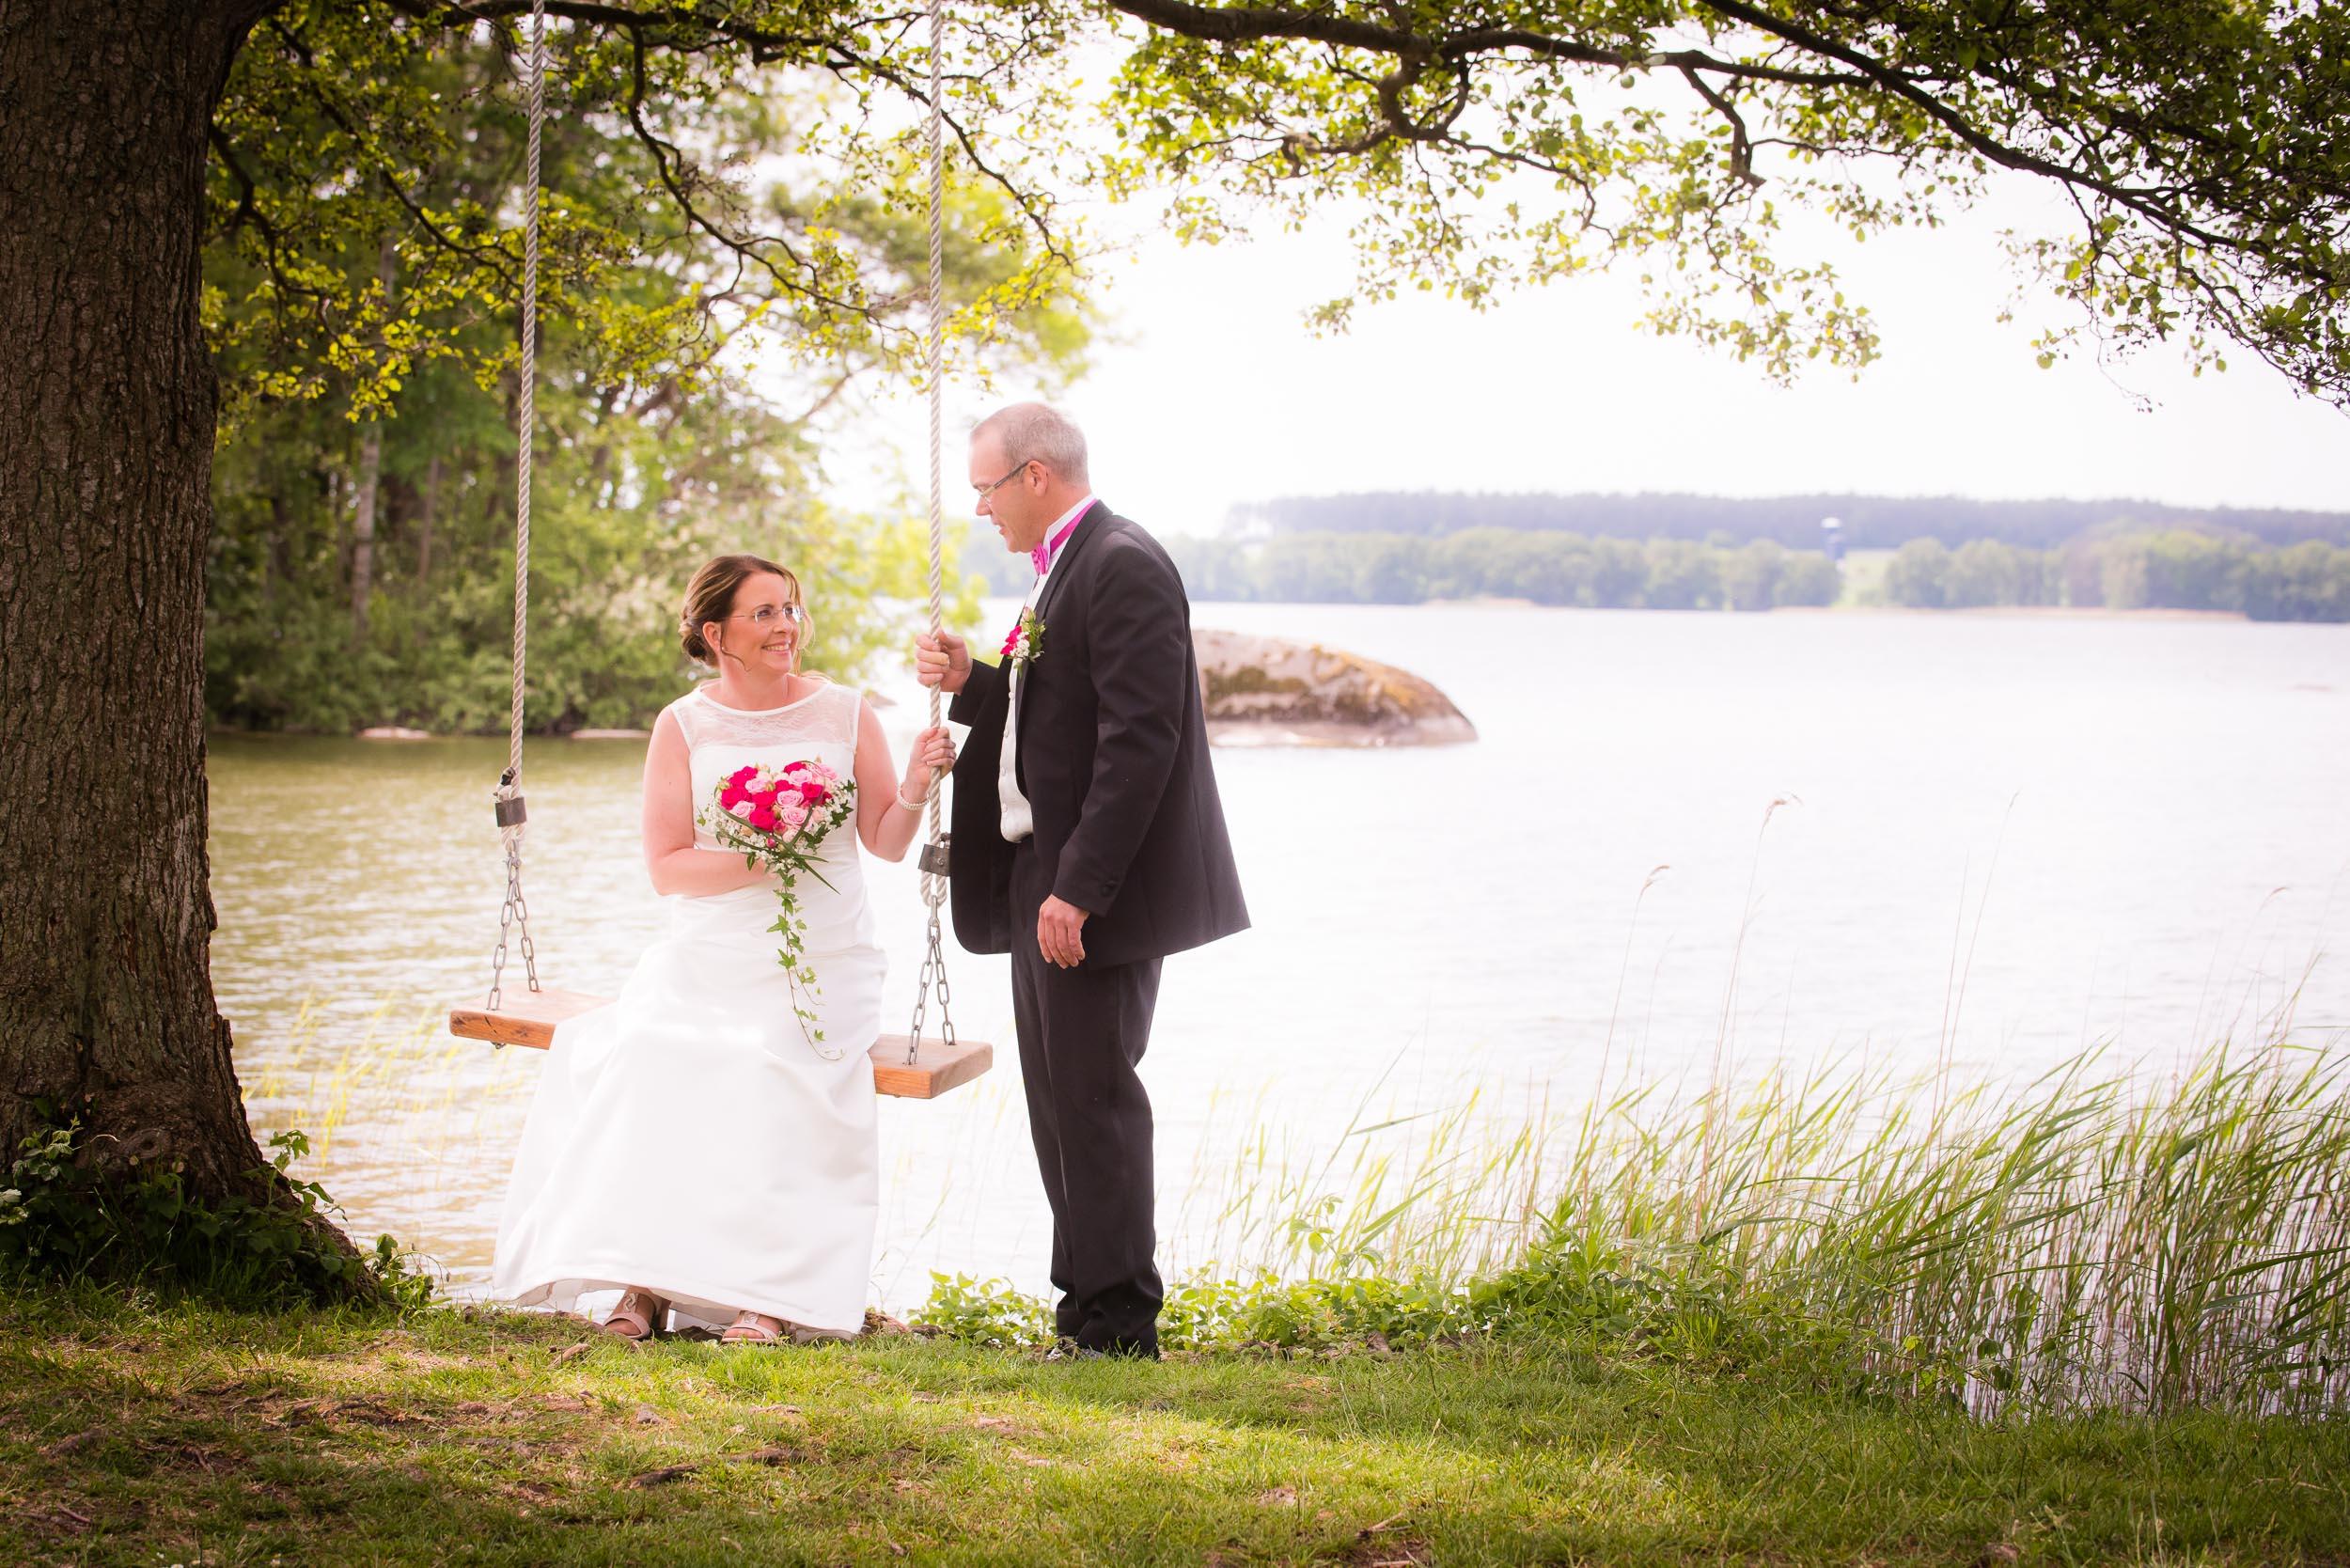 bröllopsfoto-bäckaskog-juni17-1.jpg